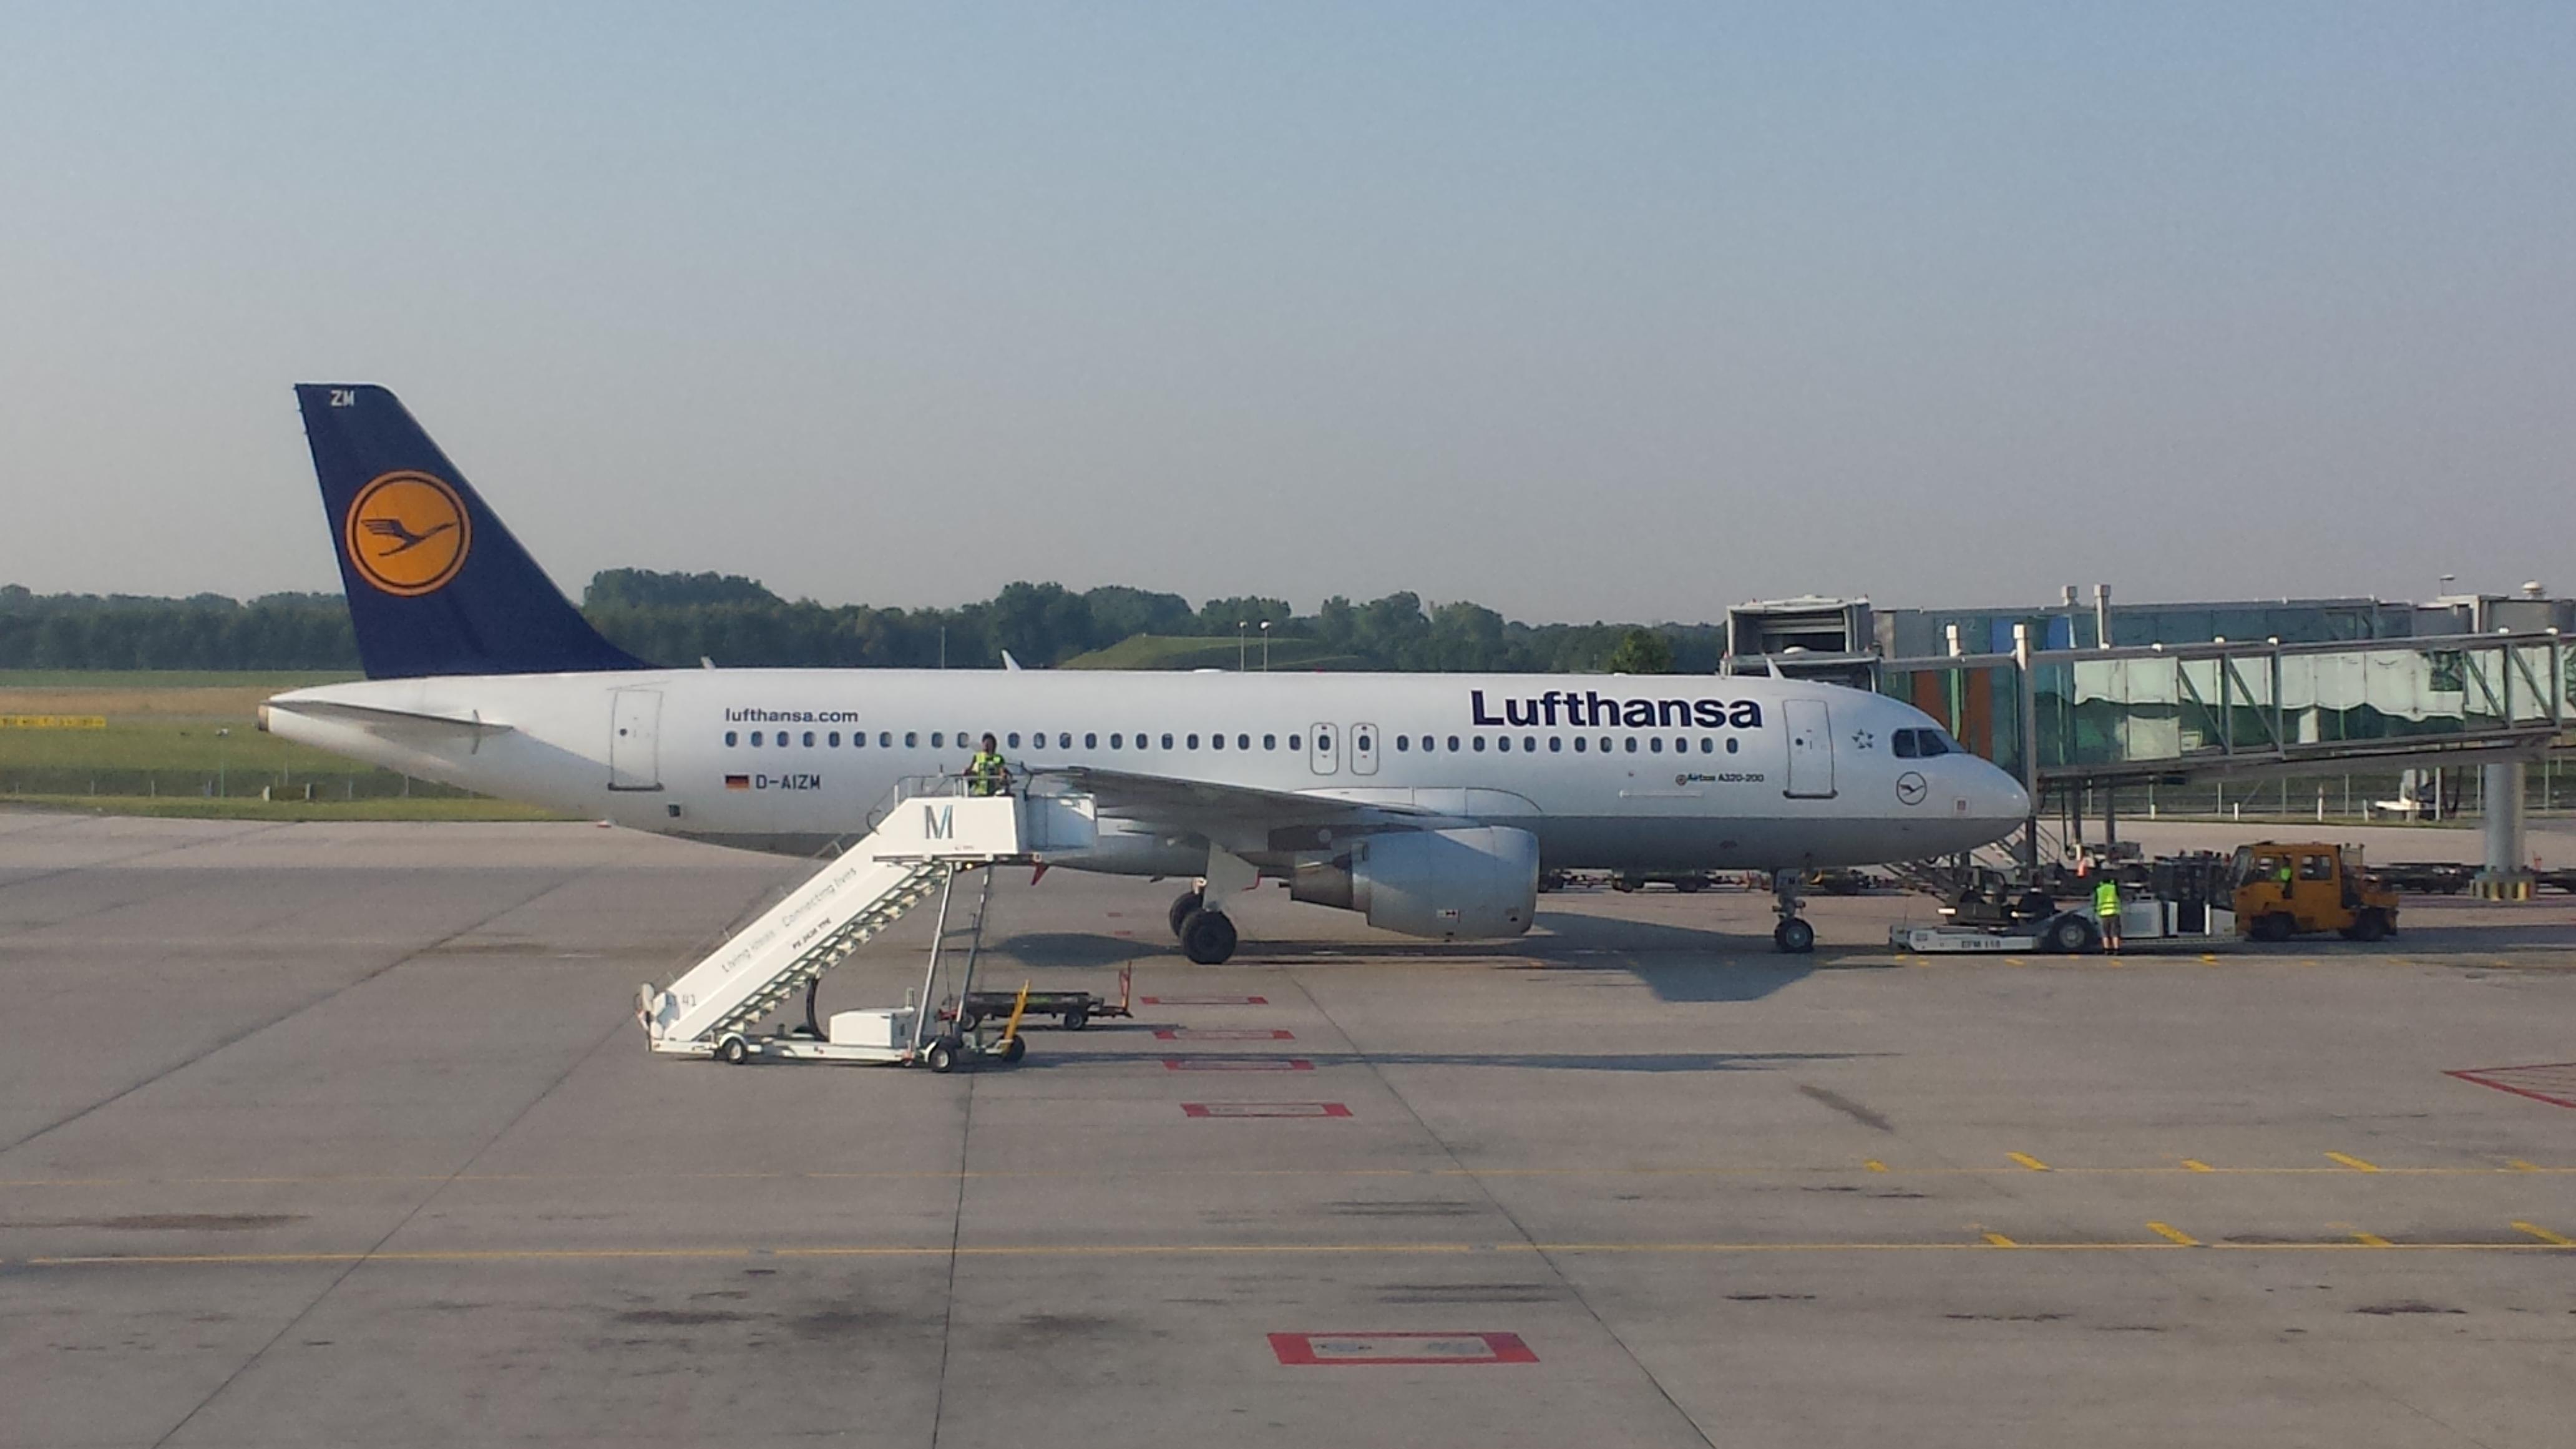 Lufthansa Boeing 737 Munich